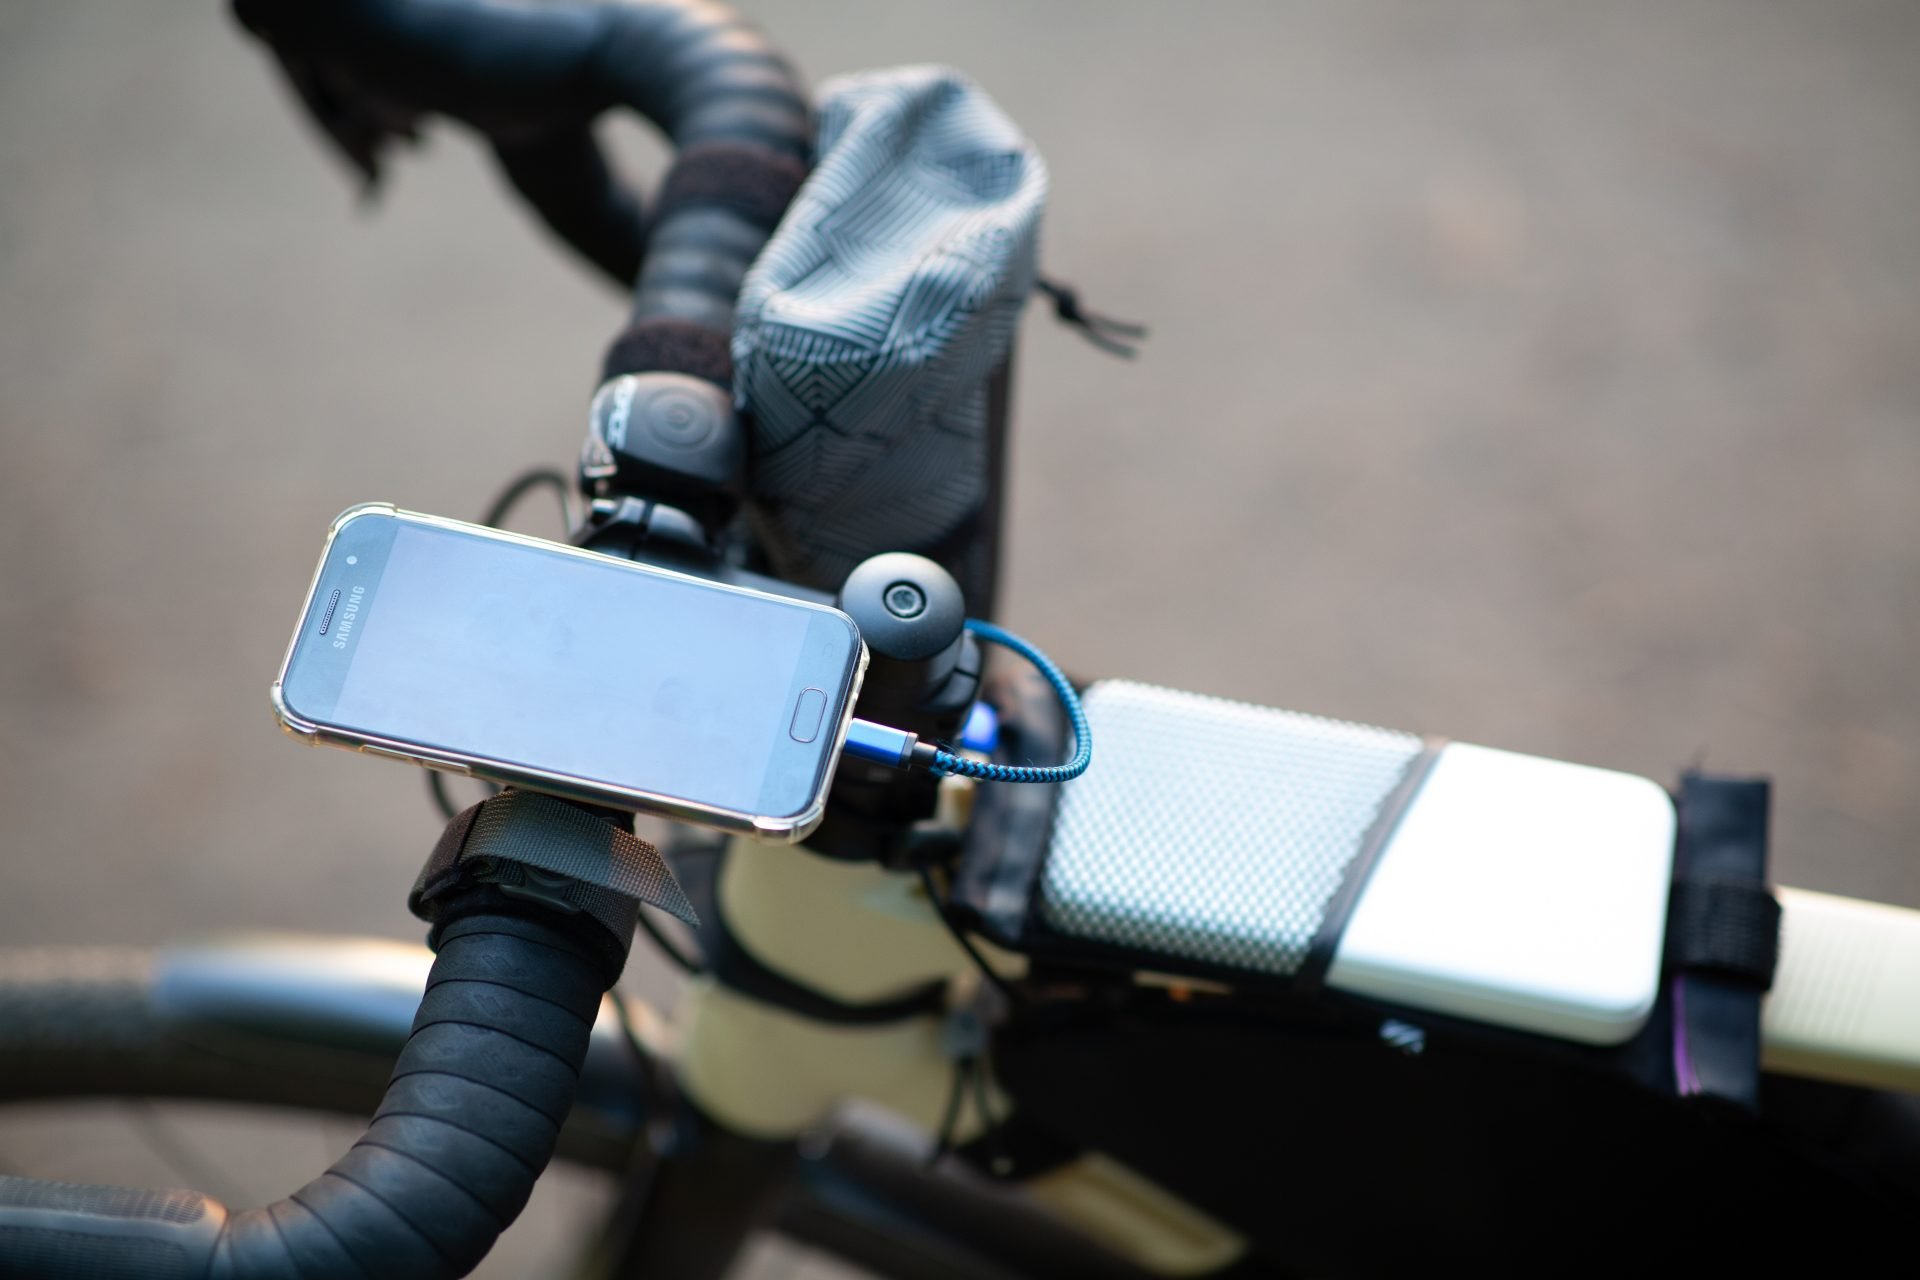 Telefon a záložní zdroj na rámu kola nachystaného pro bikepacking. Foto: Pavel Šťastný